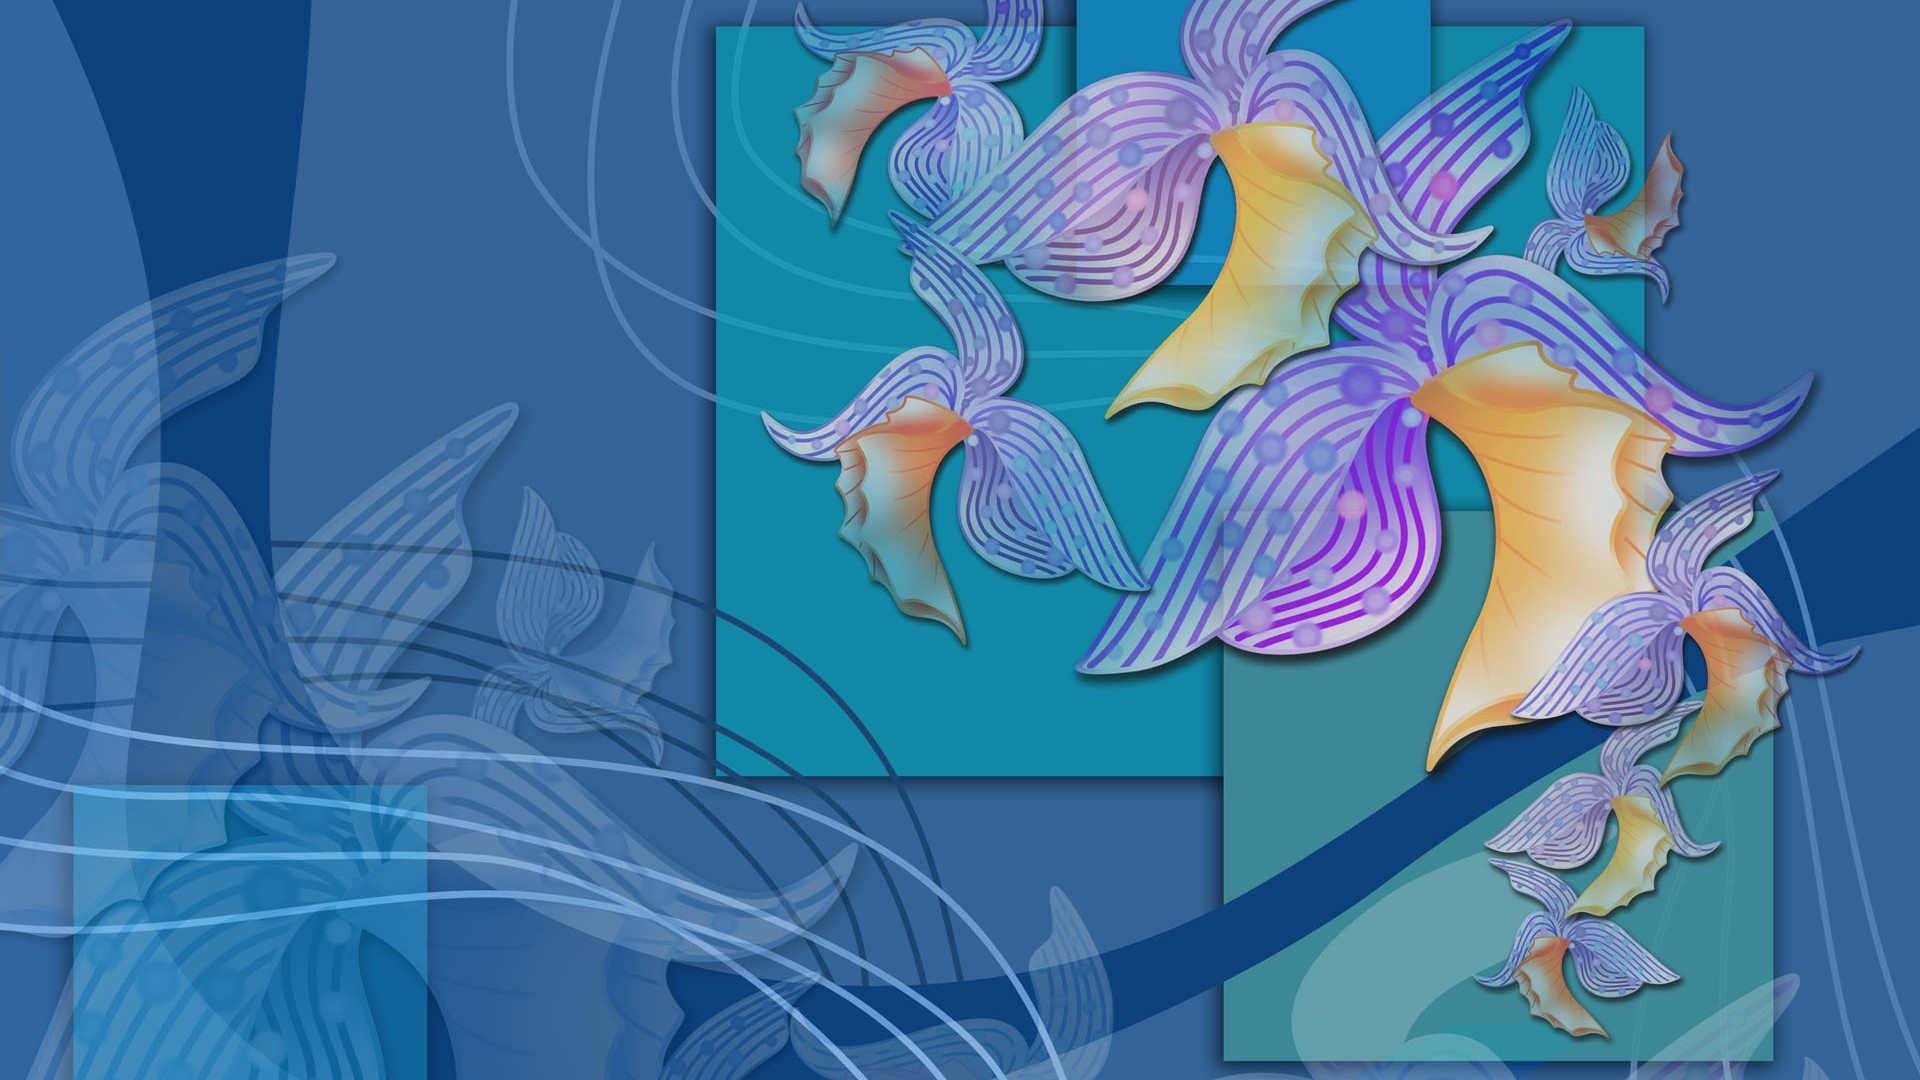 【制作网页素材篇】手绘鲜花精美背景素材